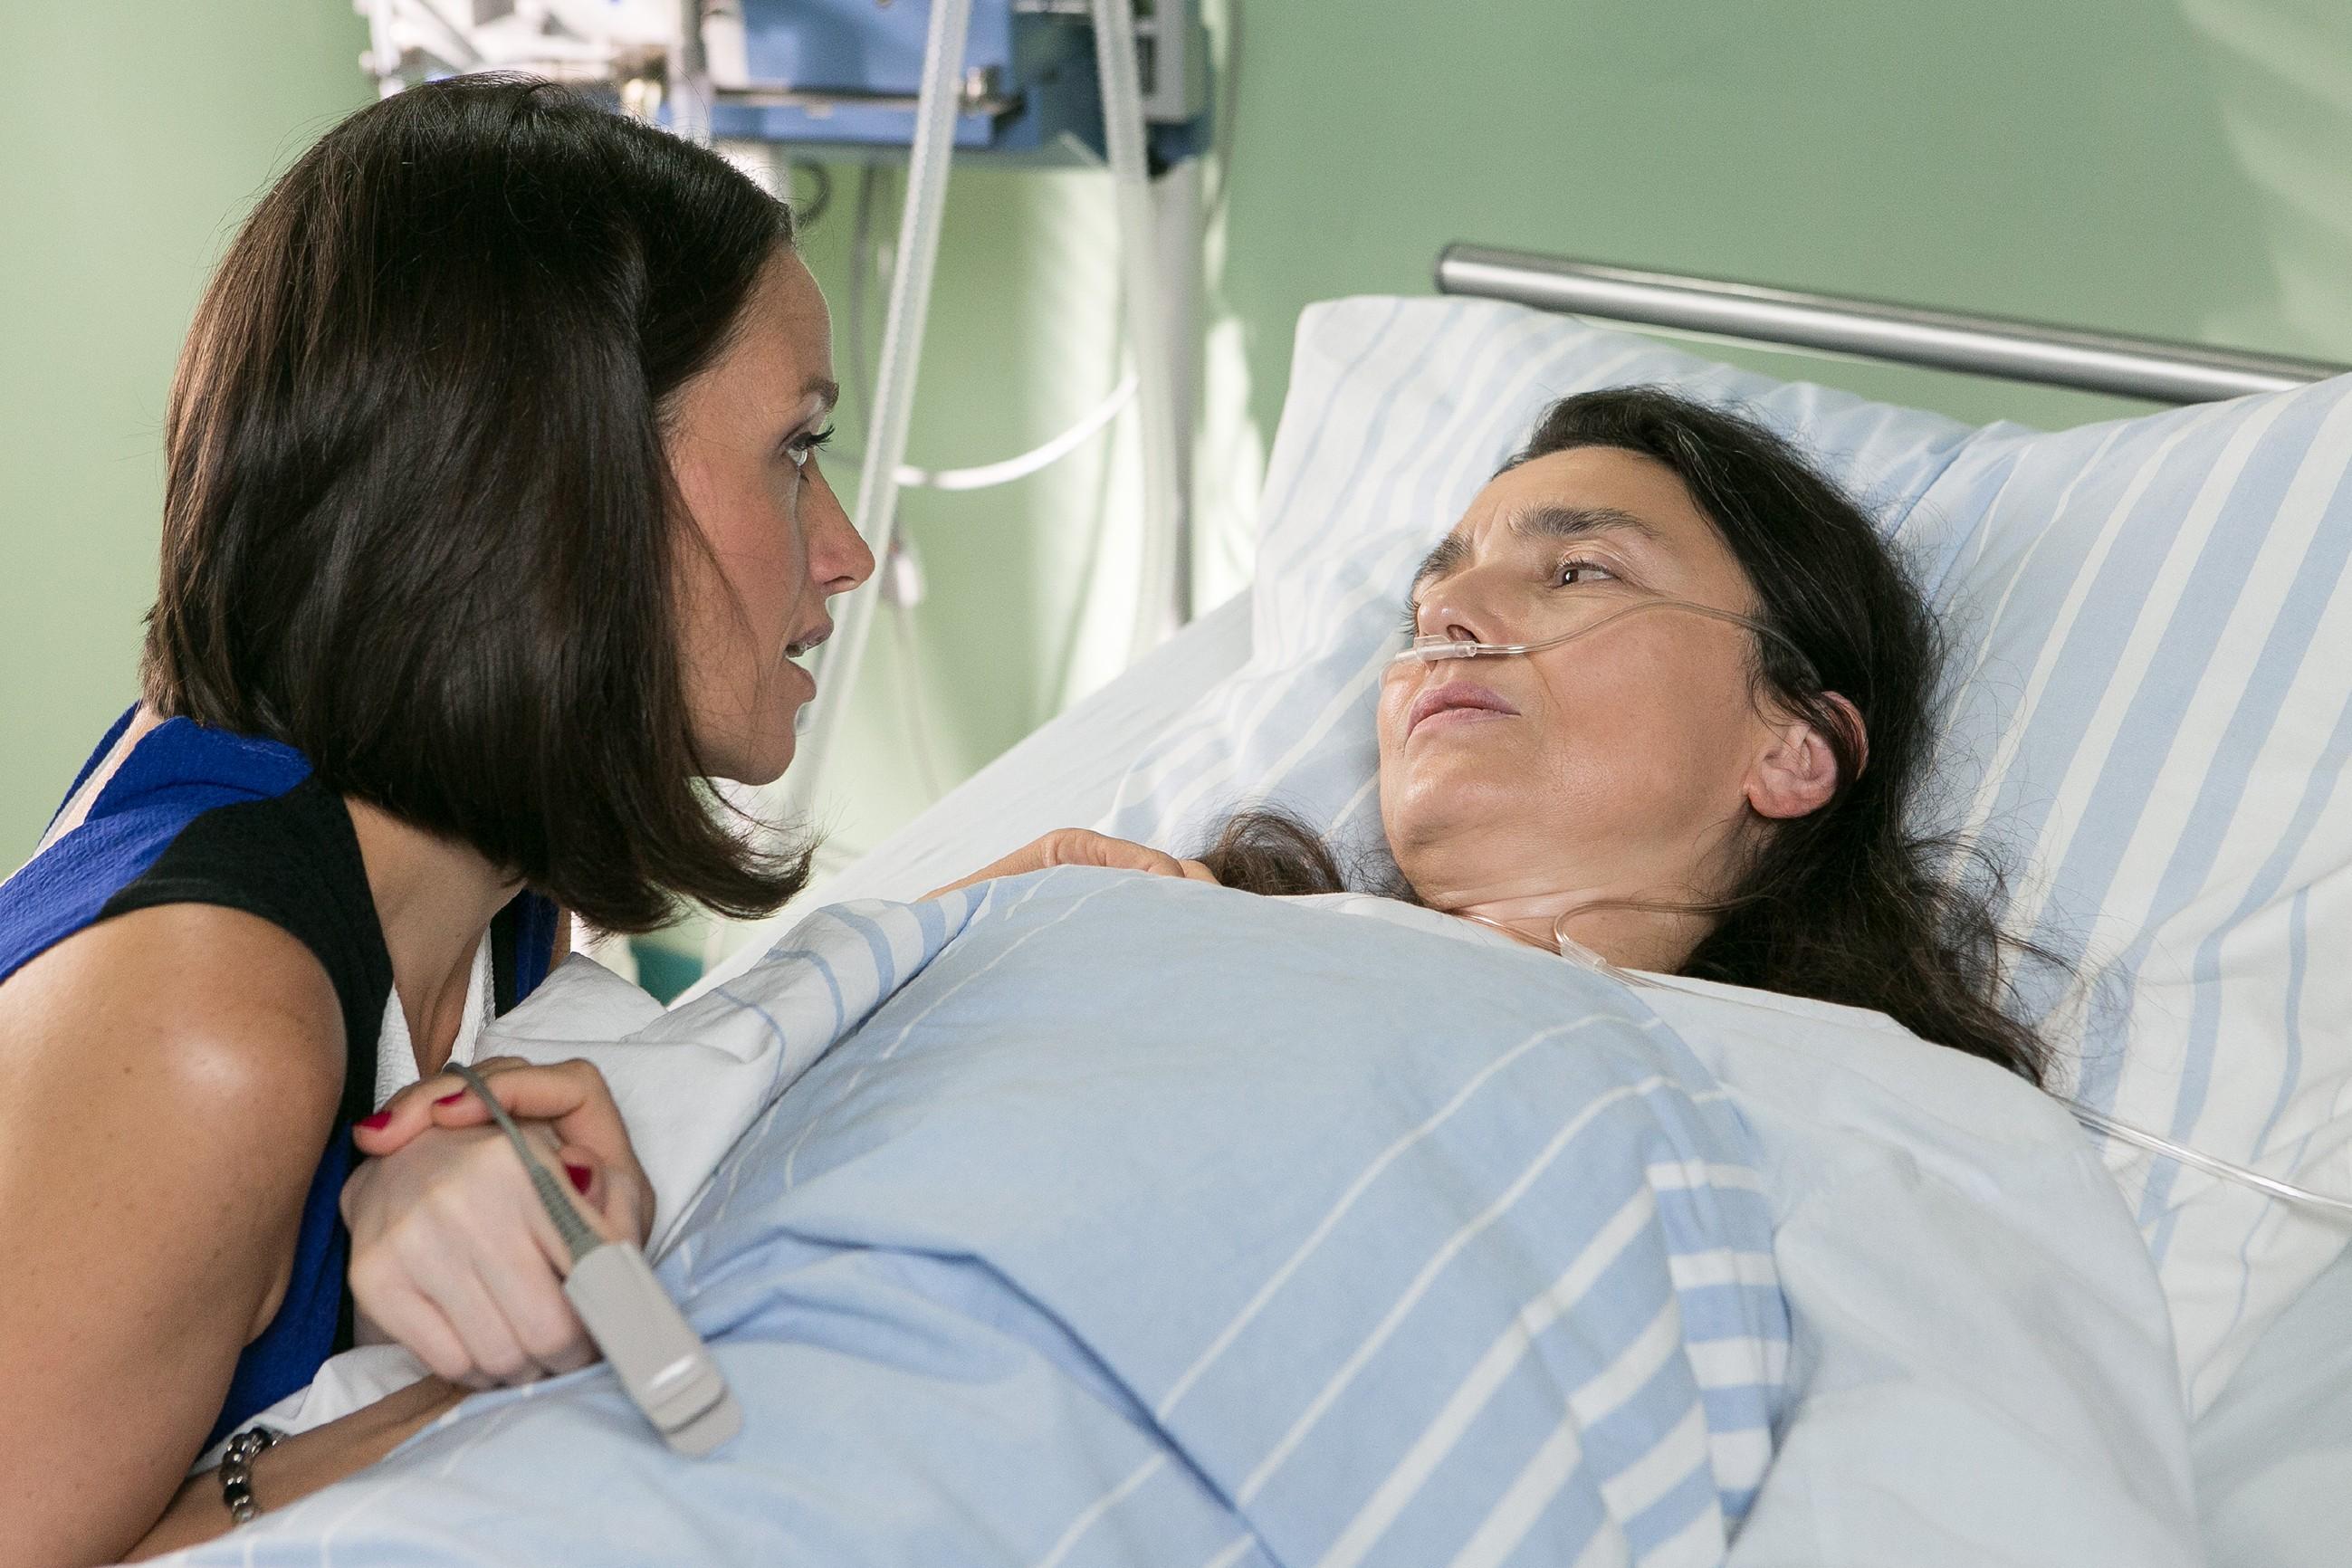 Wie Jenny (Kaja Schmidt-Tychsen, l.) ist Simone (Tatjana Clasing) erleichtert, endlich wieder im Kreis ihrer Familie zu sein. Doch dann trübt ihre Frage nach Richard die Freude... (Quelle: RTL / Kai Schulz)